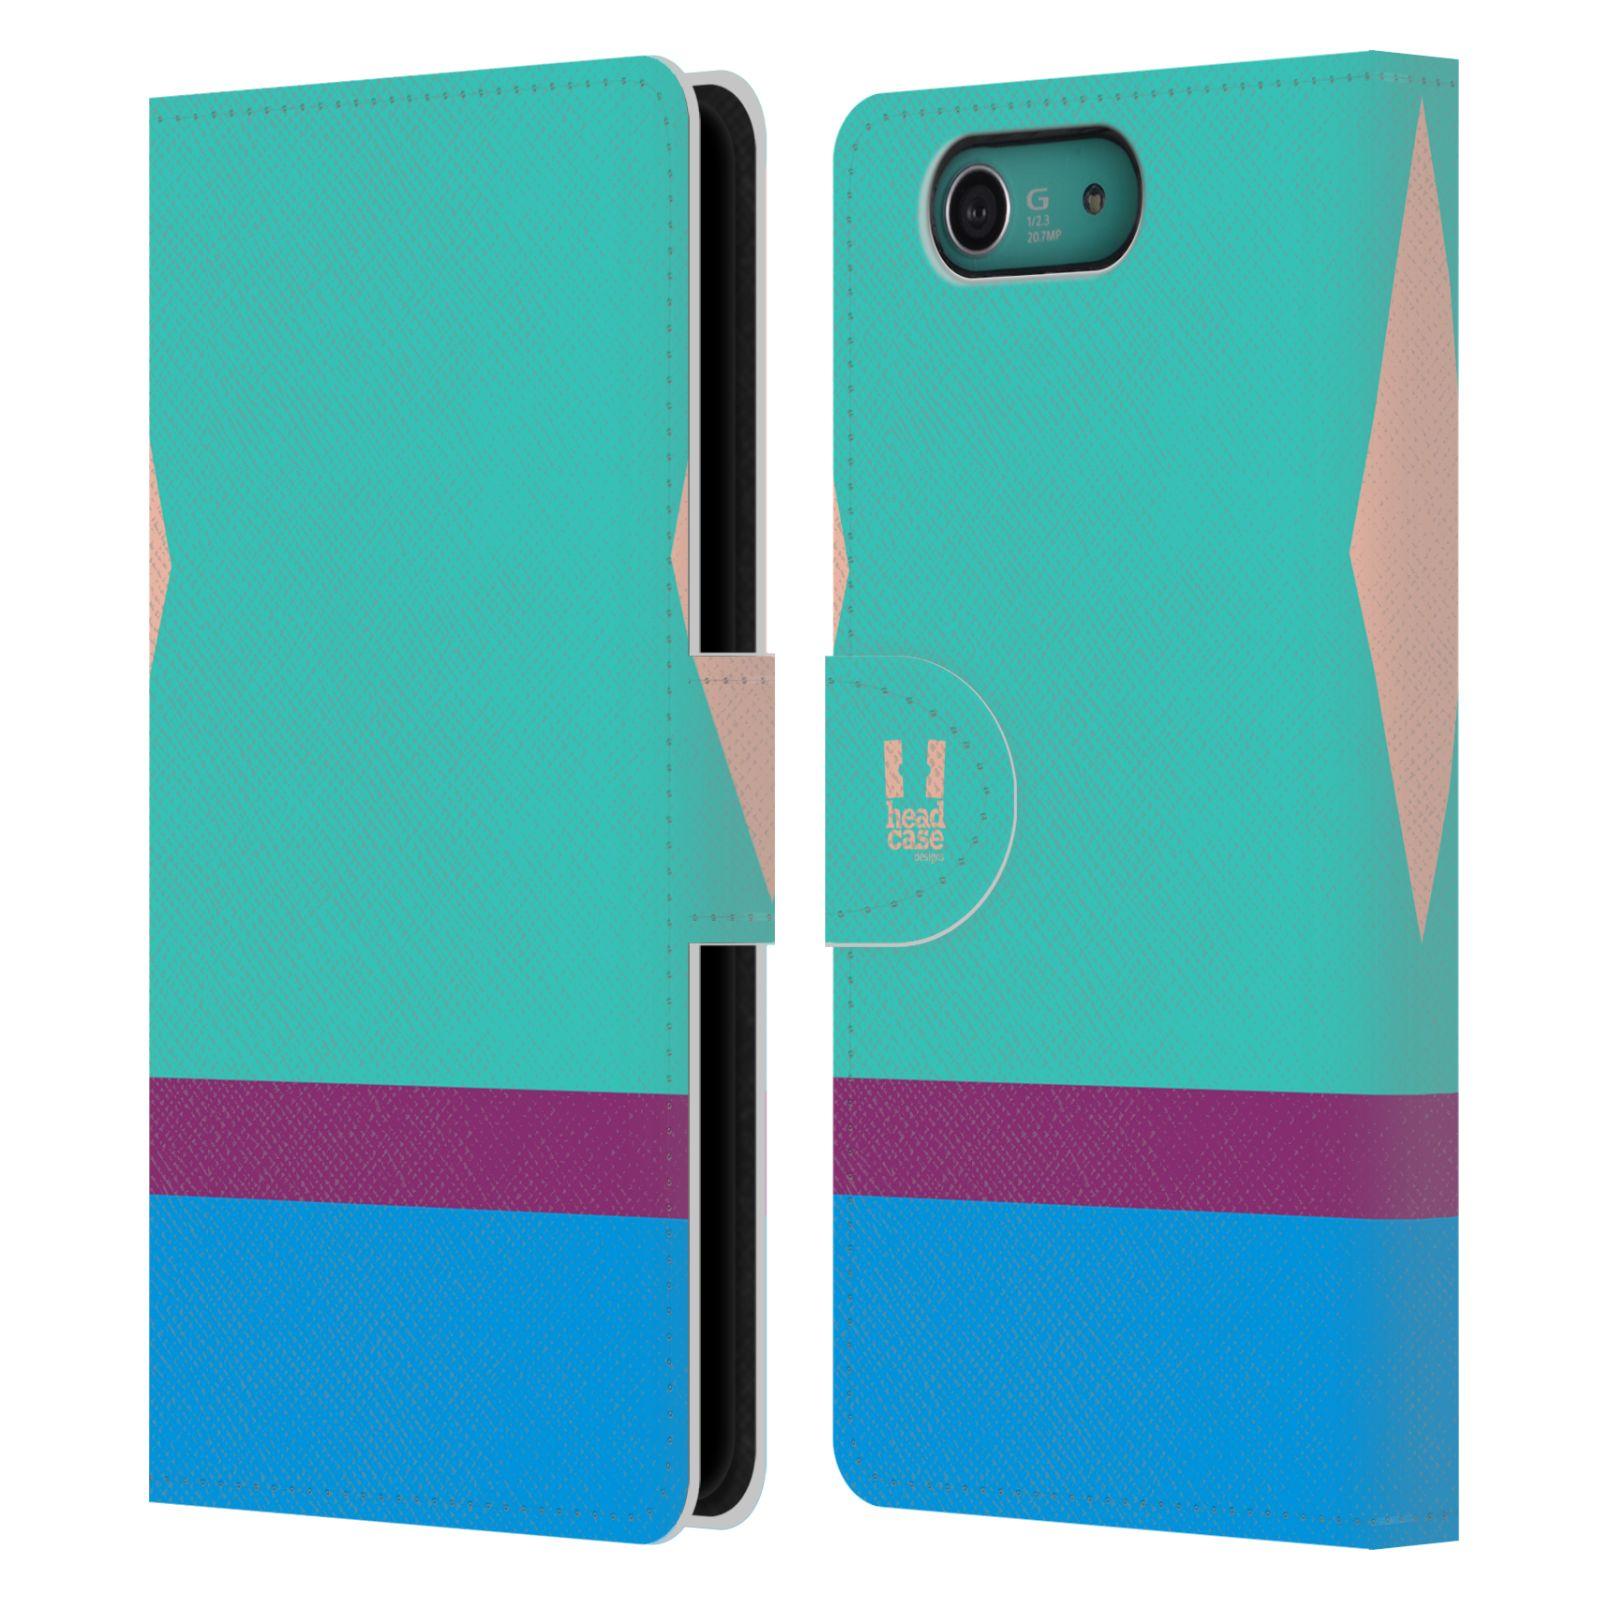 HEAD CASE Flipové pouzdro pro mobil SONY XPERIA Z3 COMPACT barevné tvary modrá a fialový pruh